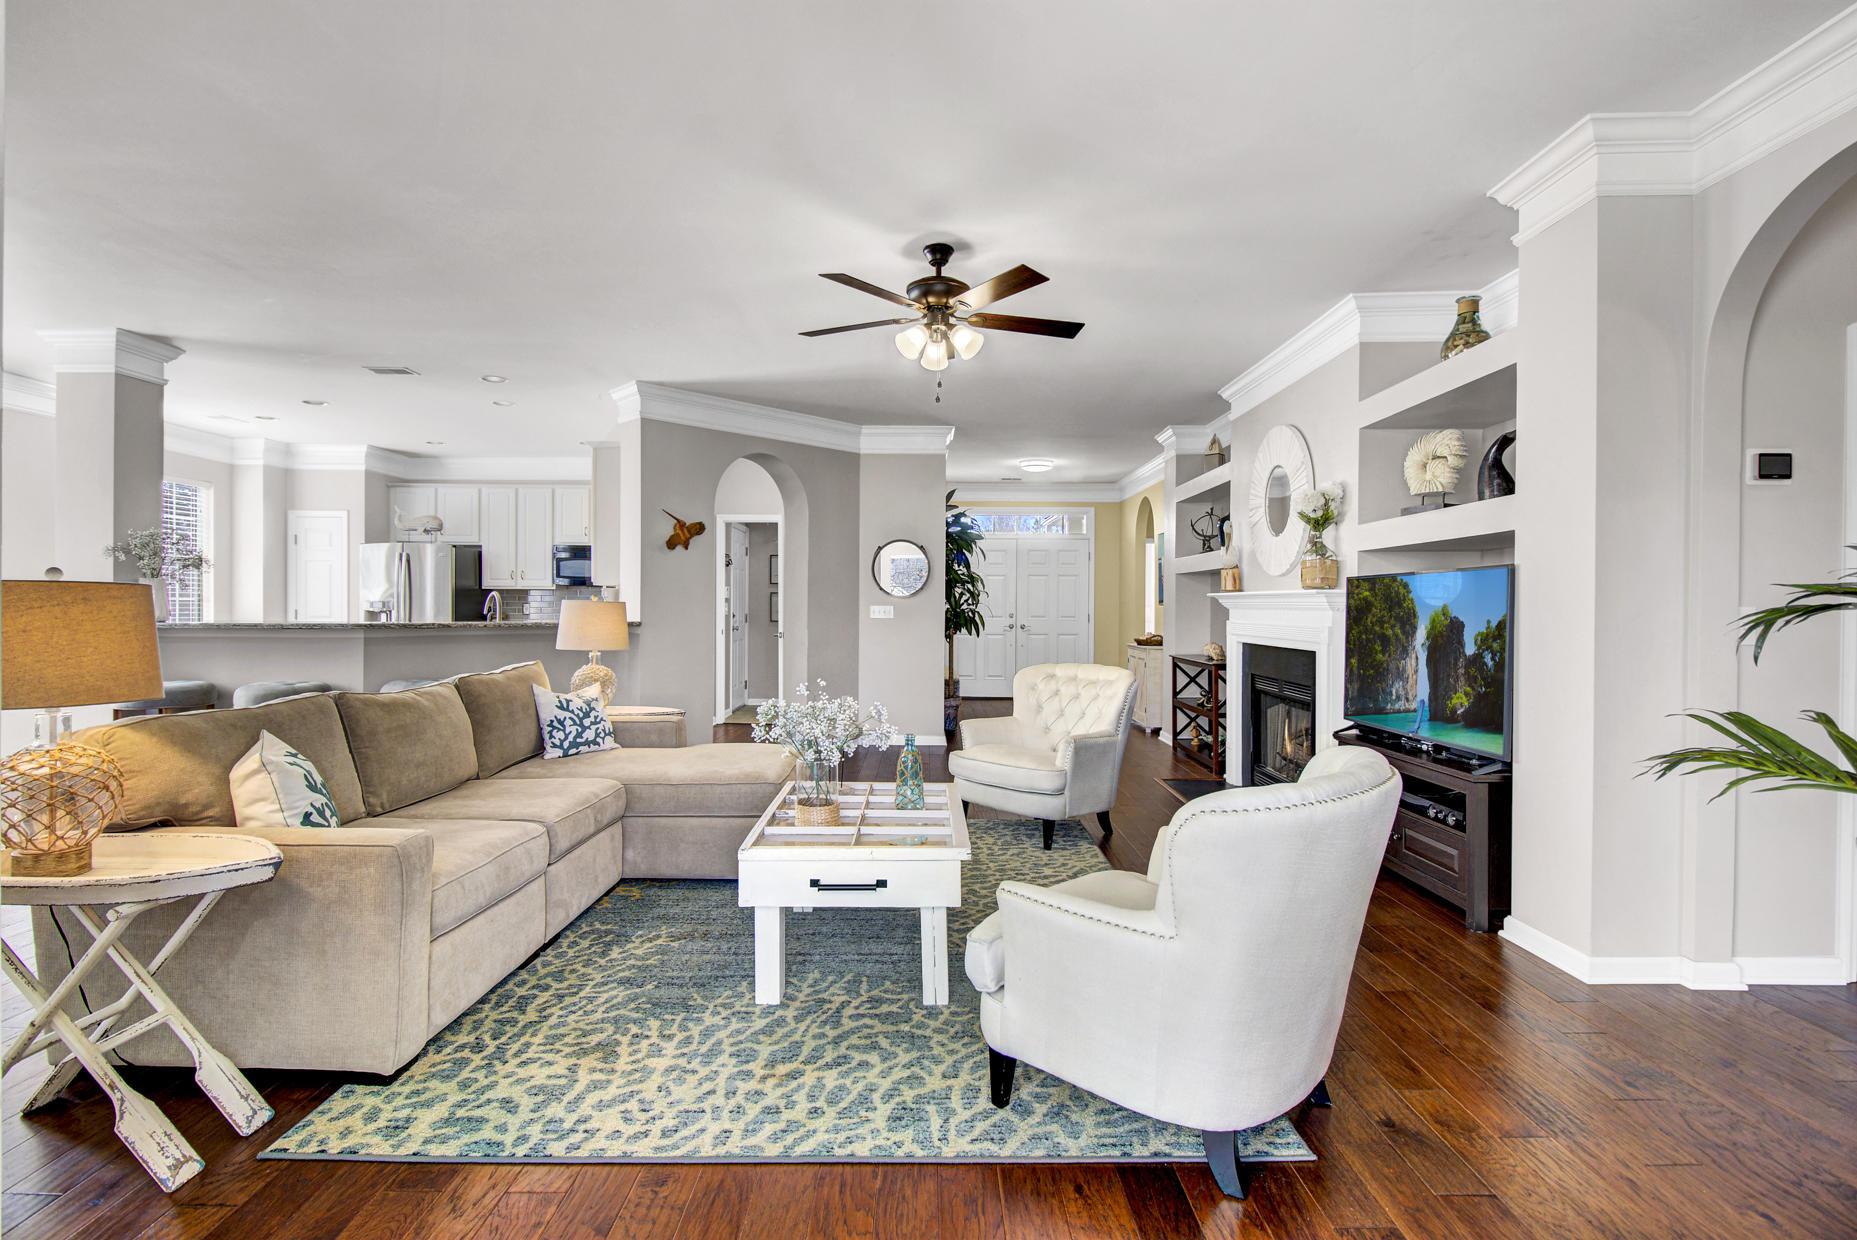 Park West Homes For Sale - 1497 Endicot, Mount Pleasant, SC - 31